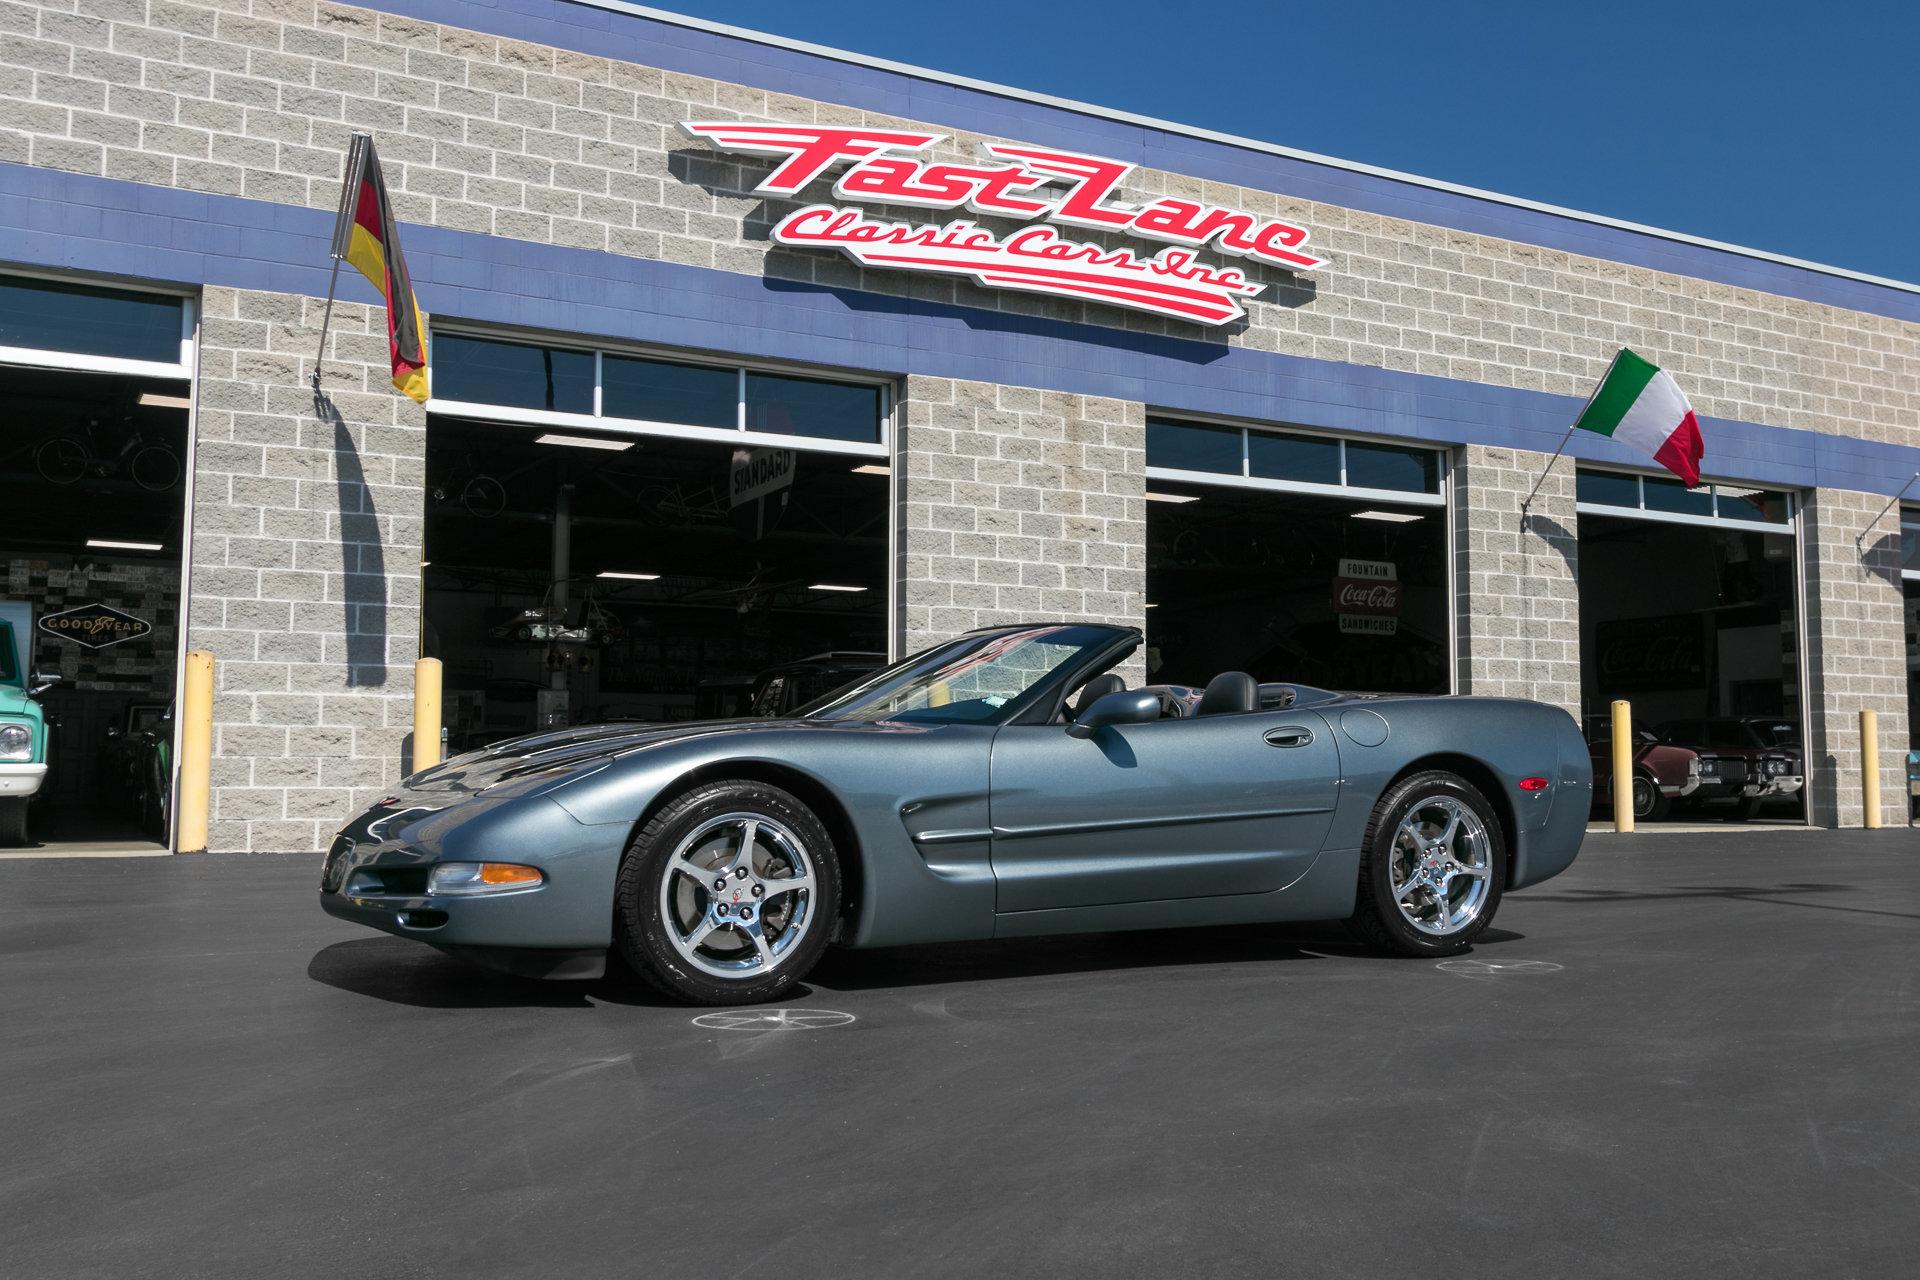 64701159df7d3 hd 2004 chevrolet corvette